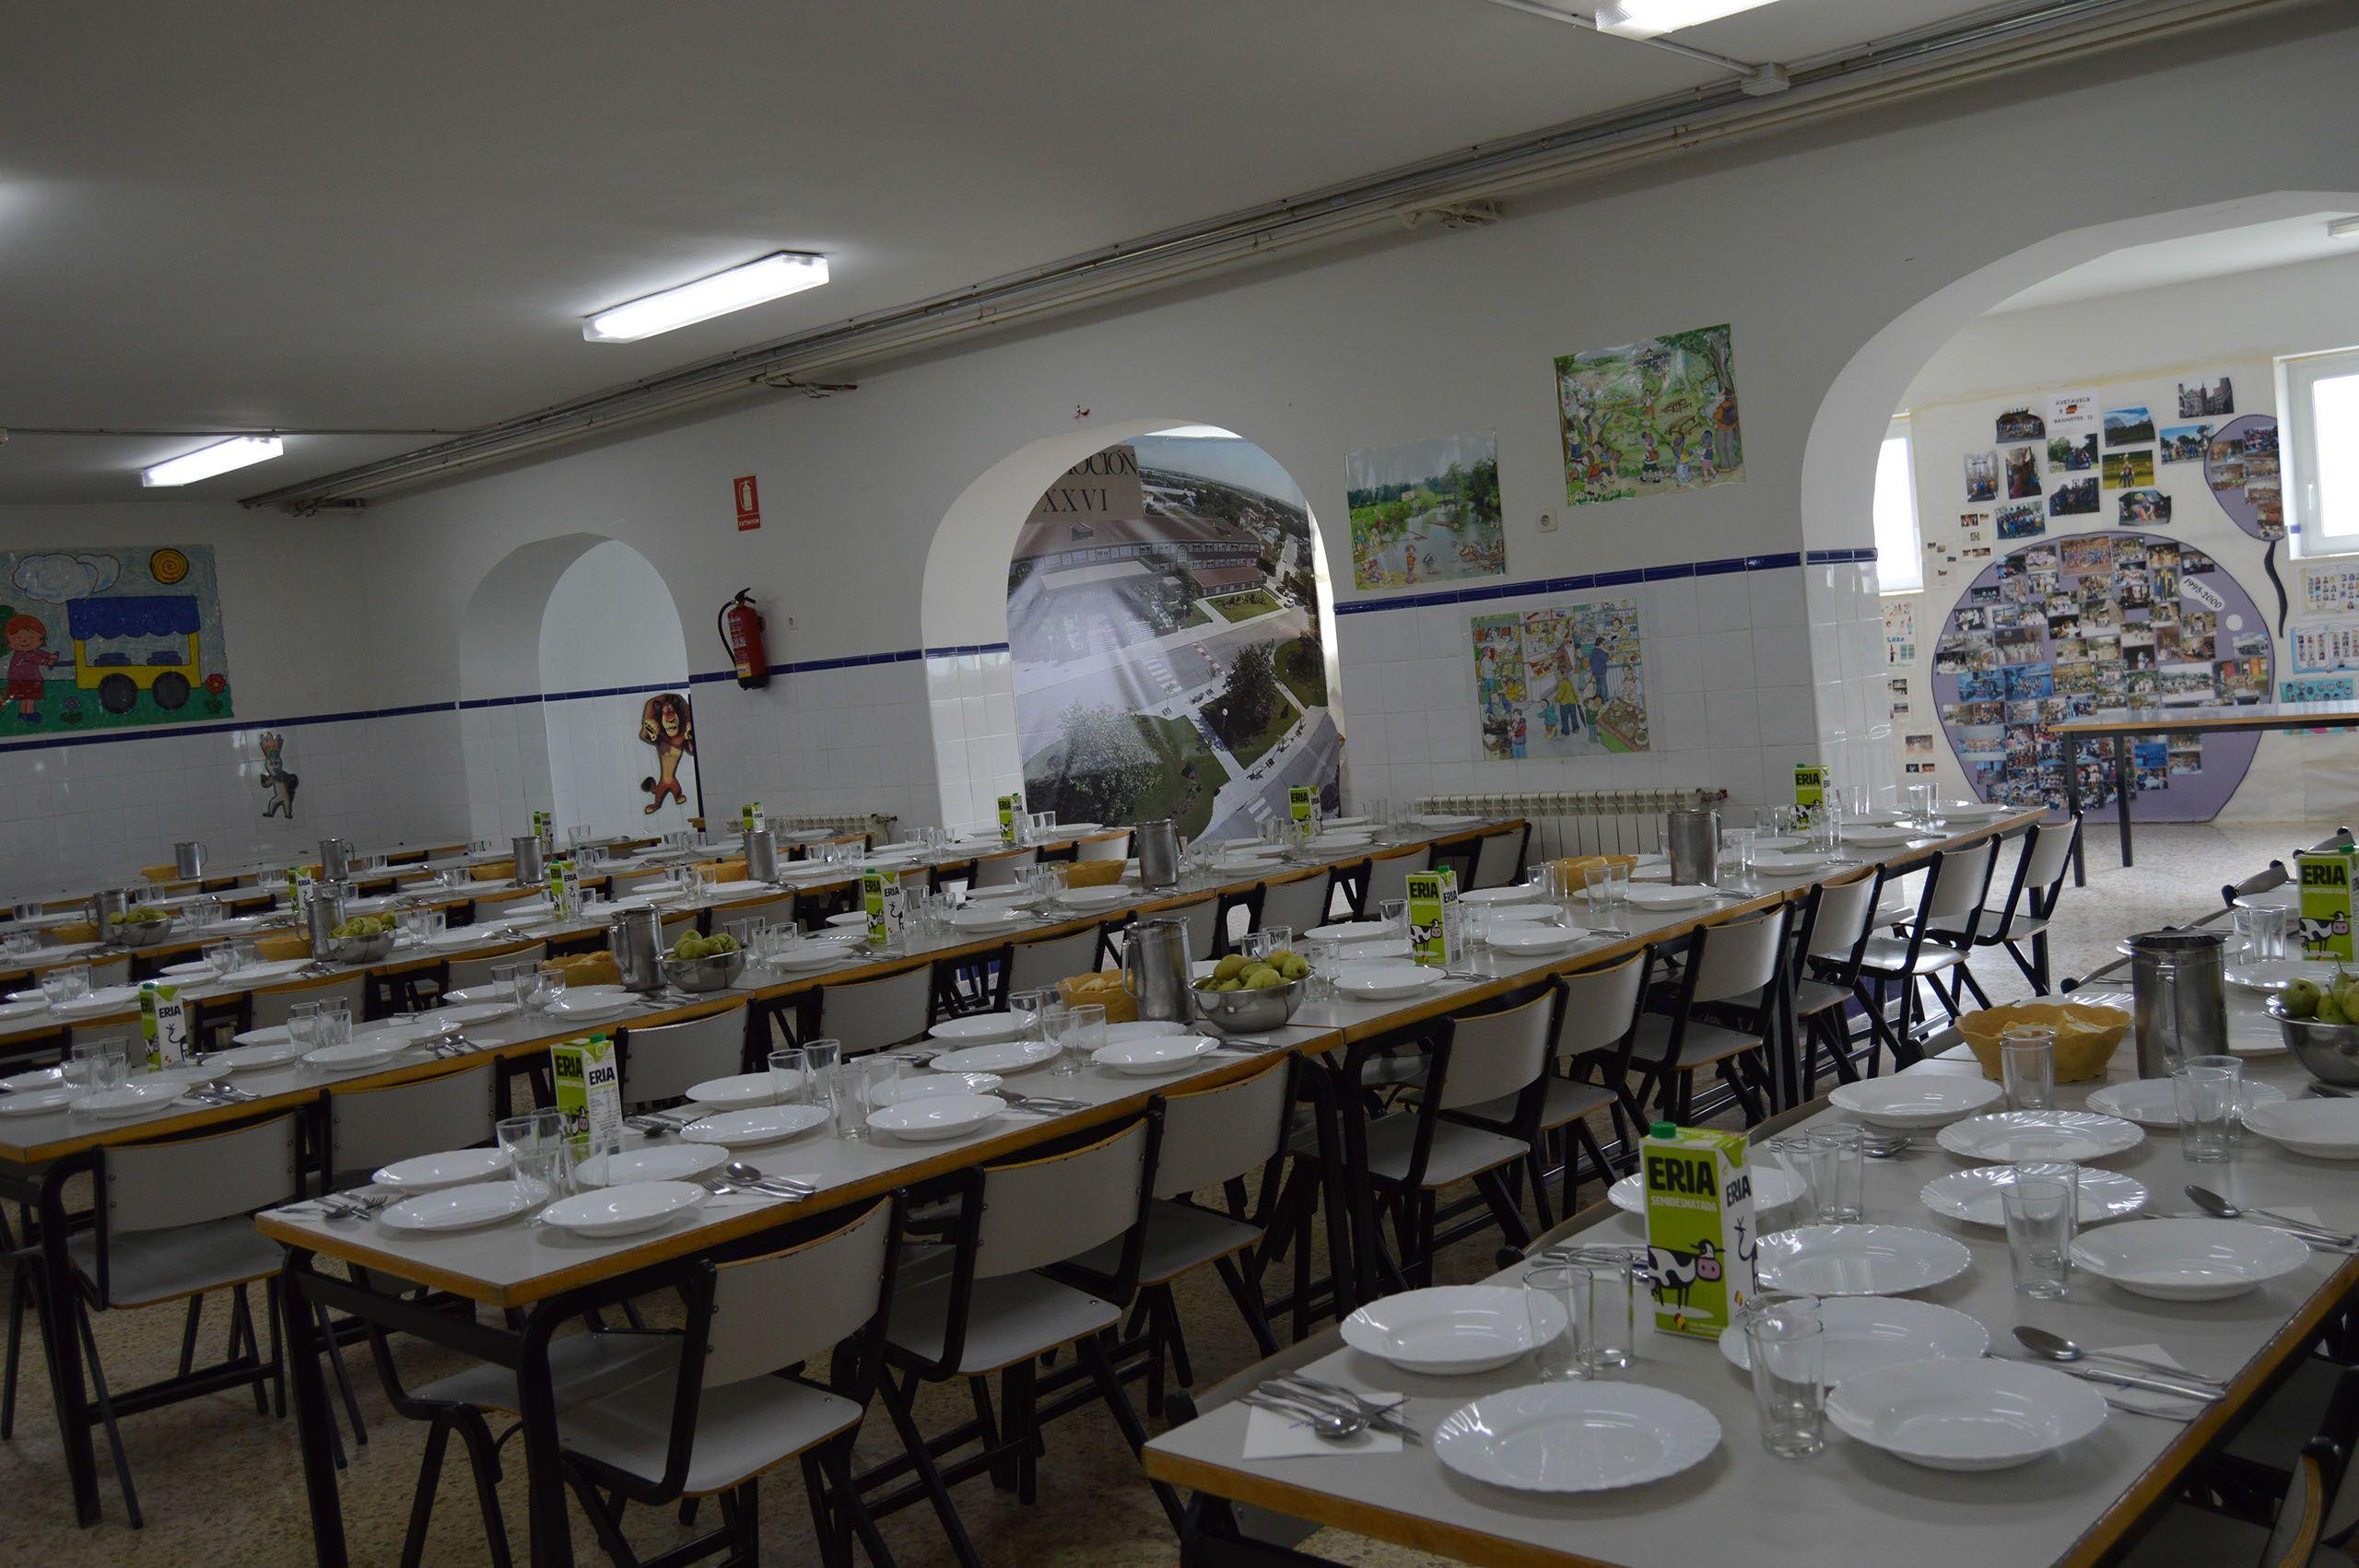 Comedor escolar con cocina propia: Proyecto educativo de Colegio ...